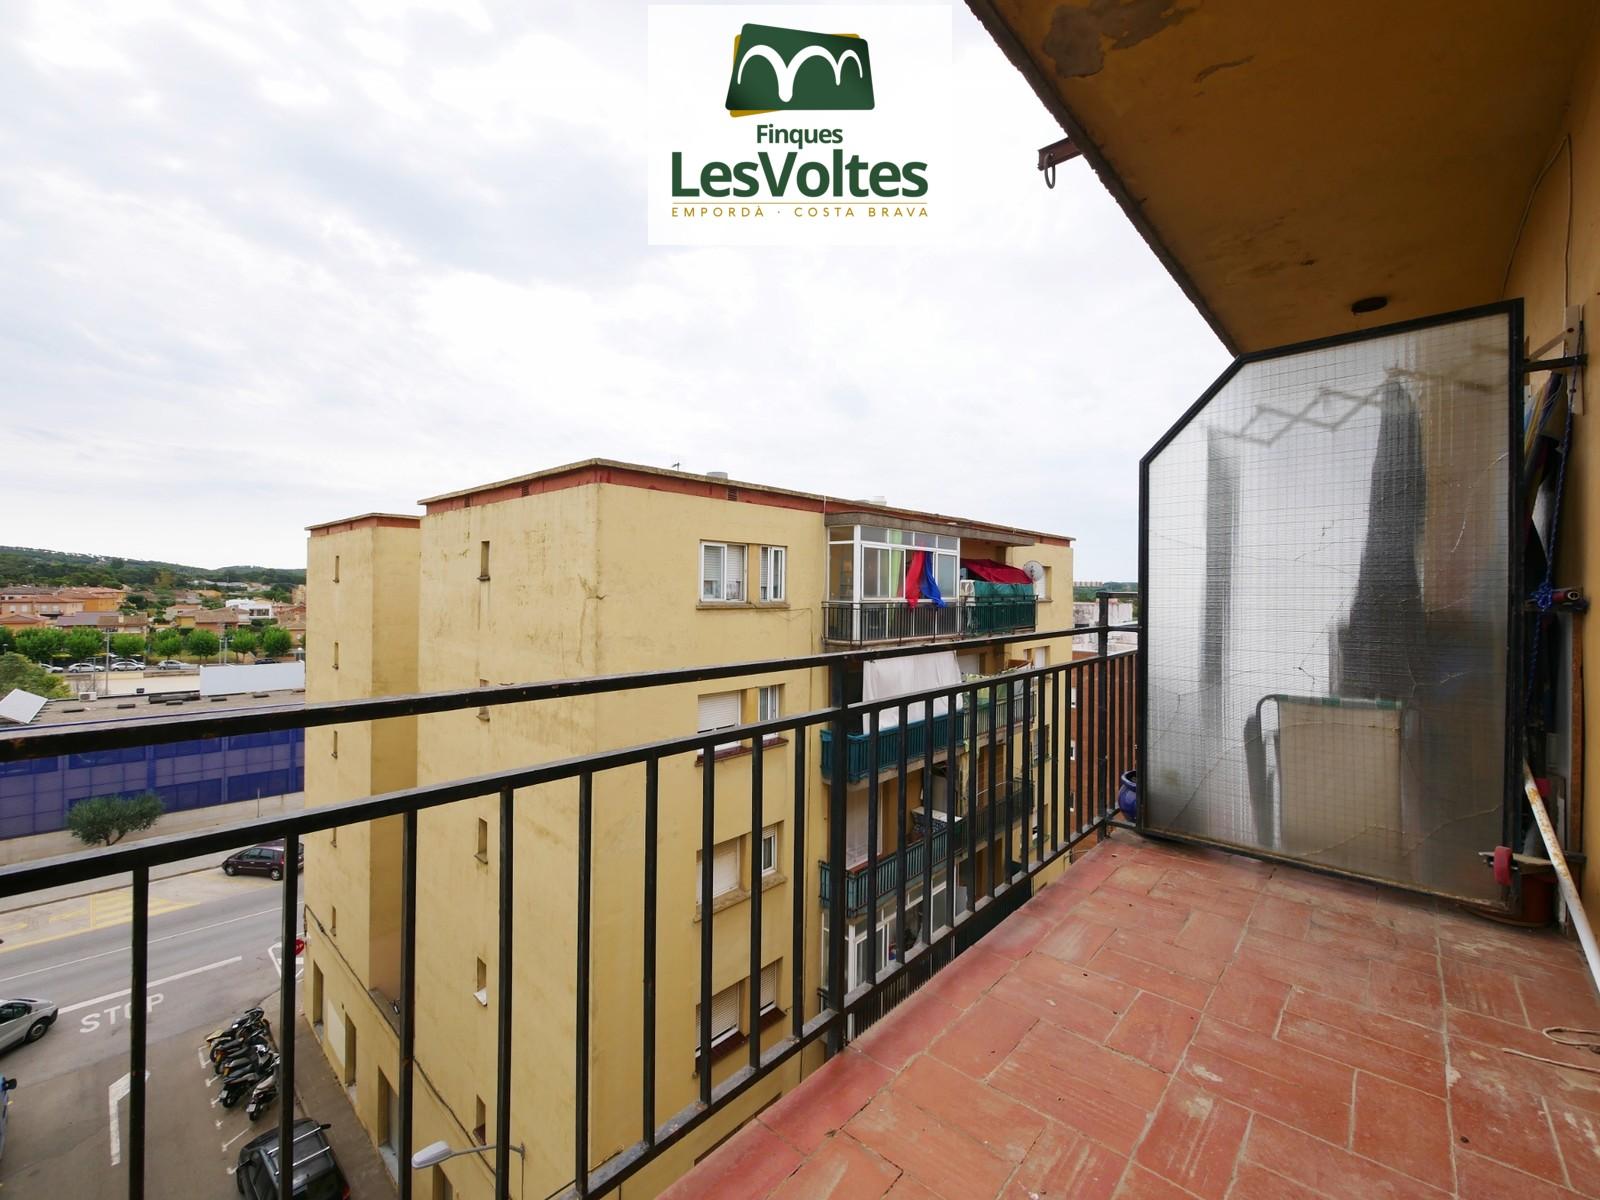 Pis de 3 habitacions amb balcó en venda a Palafrugell. Situat en zona ben comunicada i a prop del centre.